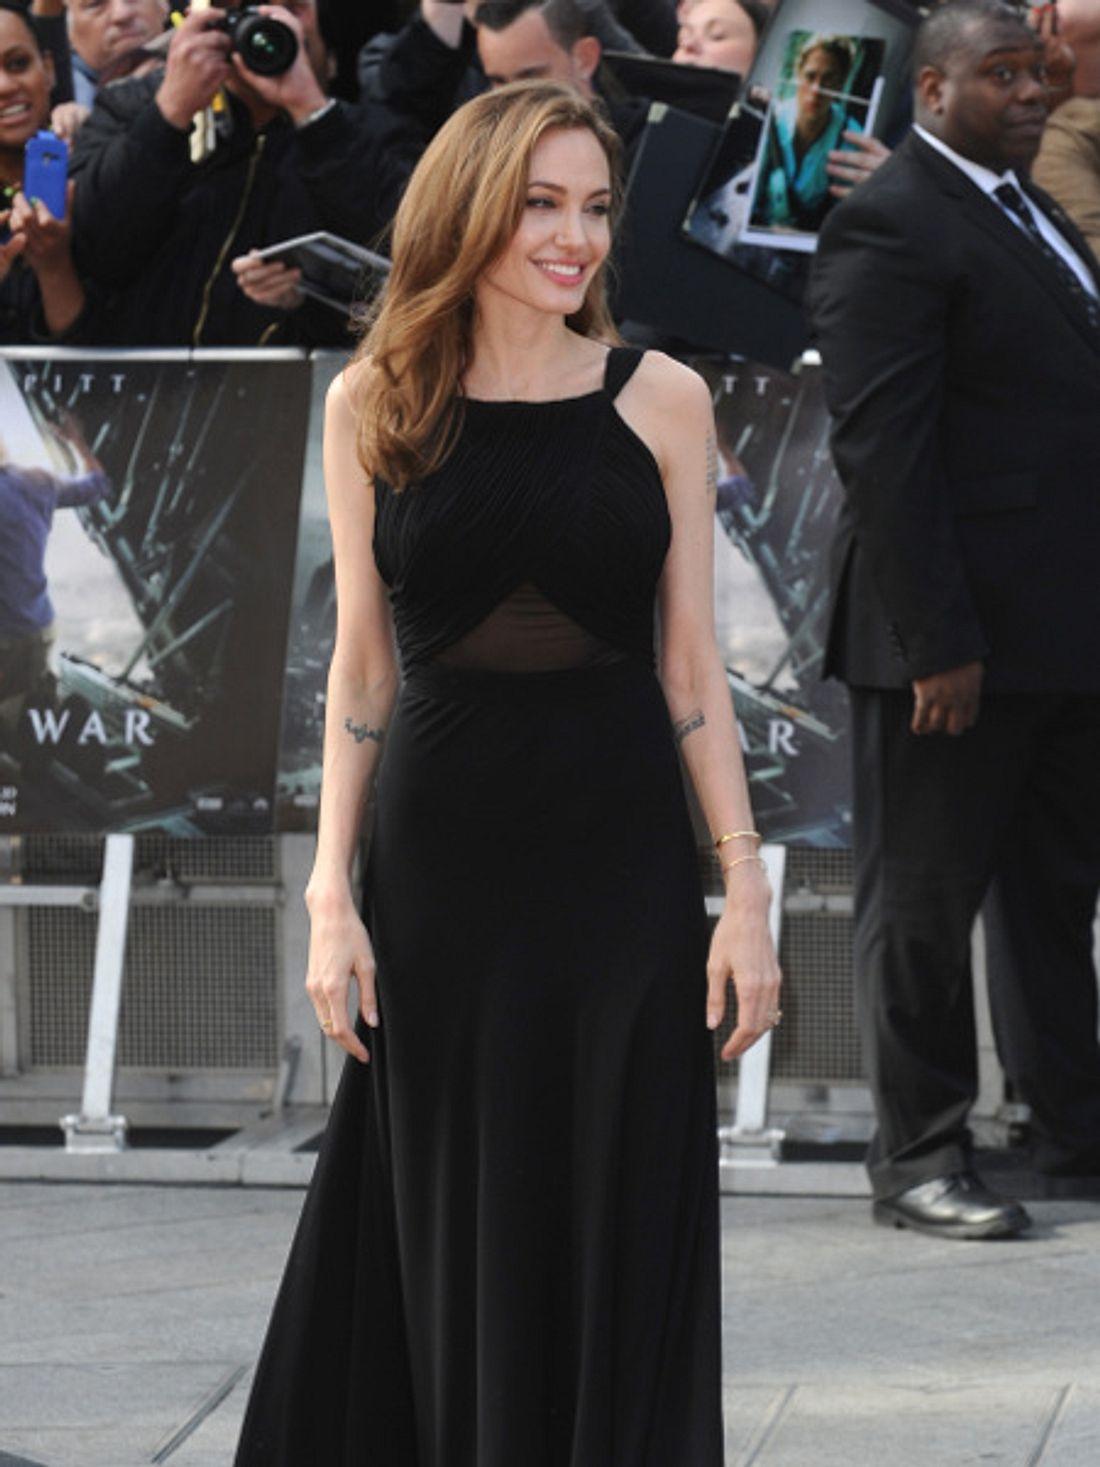 Angelina Jolie zeigte sich erstmals nach ihrer Brust-OP wieder in der Öffentlichkeit